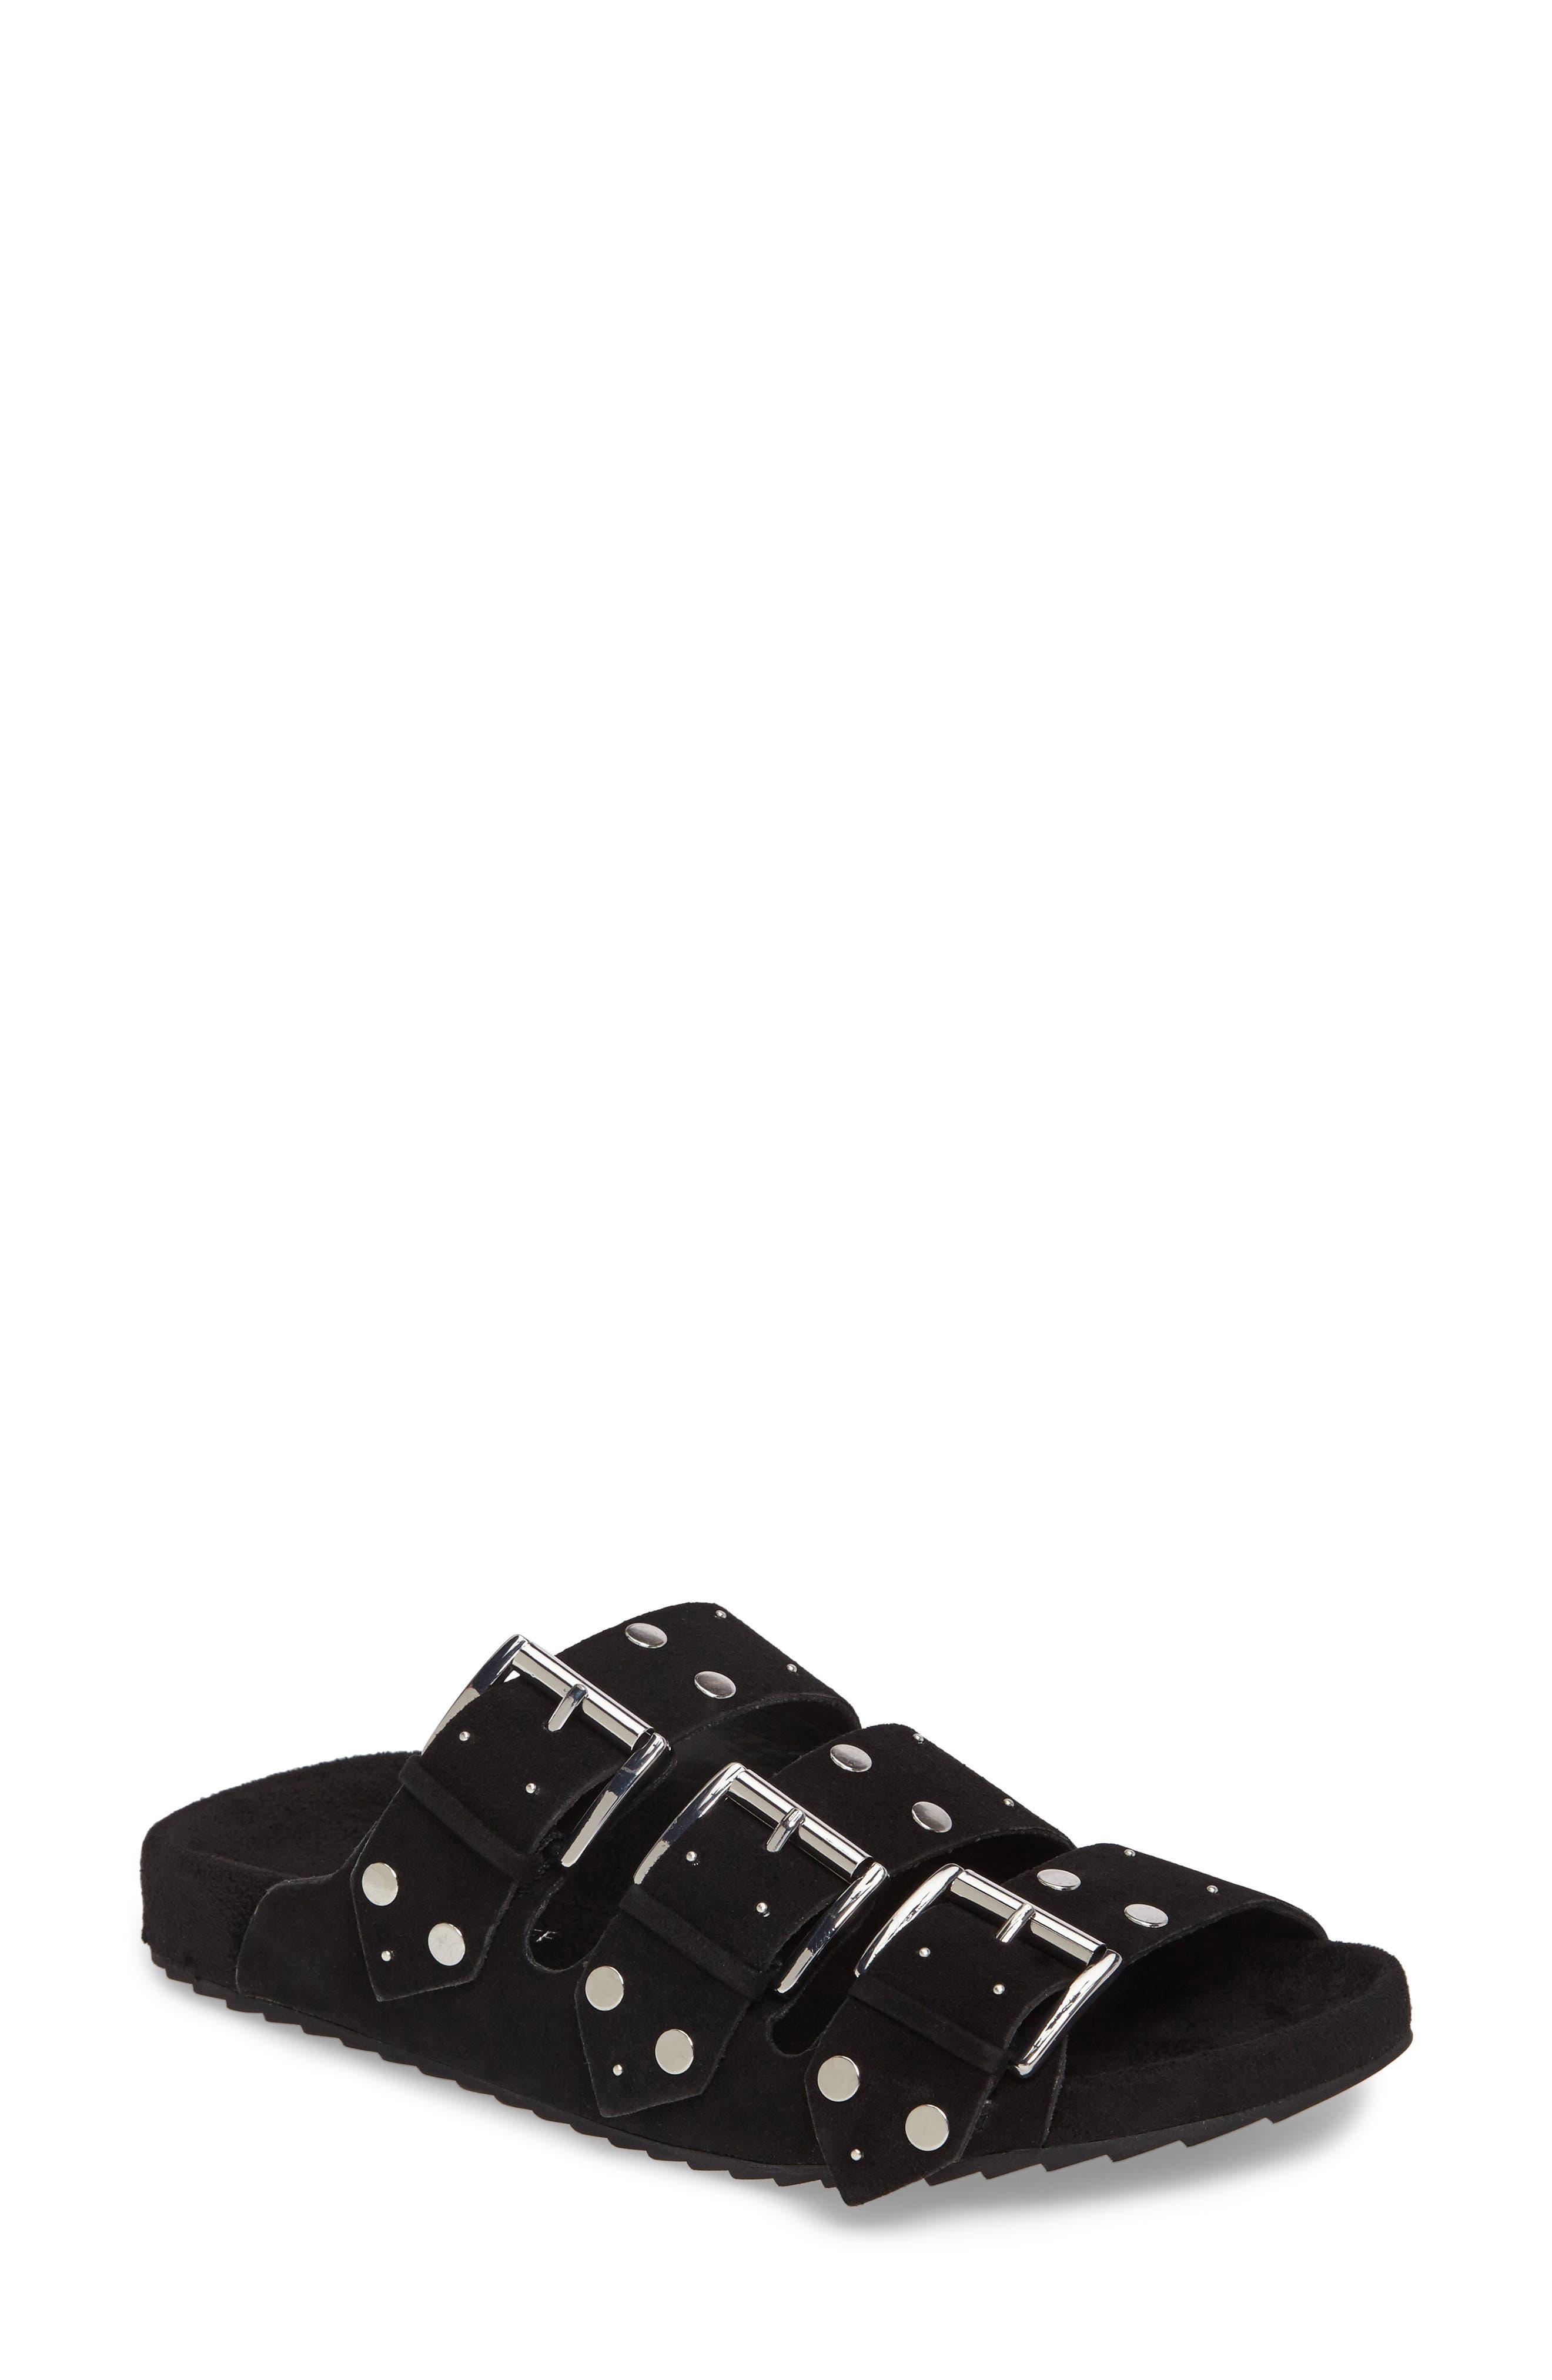 Tania Slide Sandal,                             Main thumbnail 1, color,                             Black